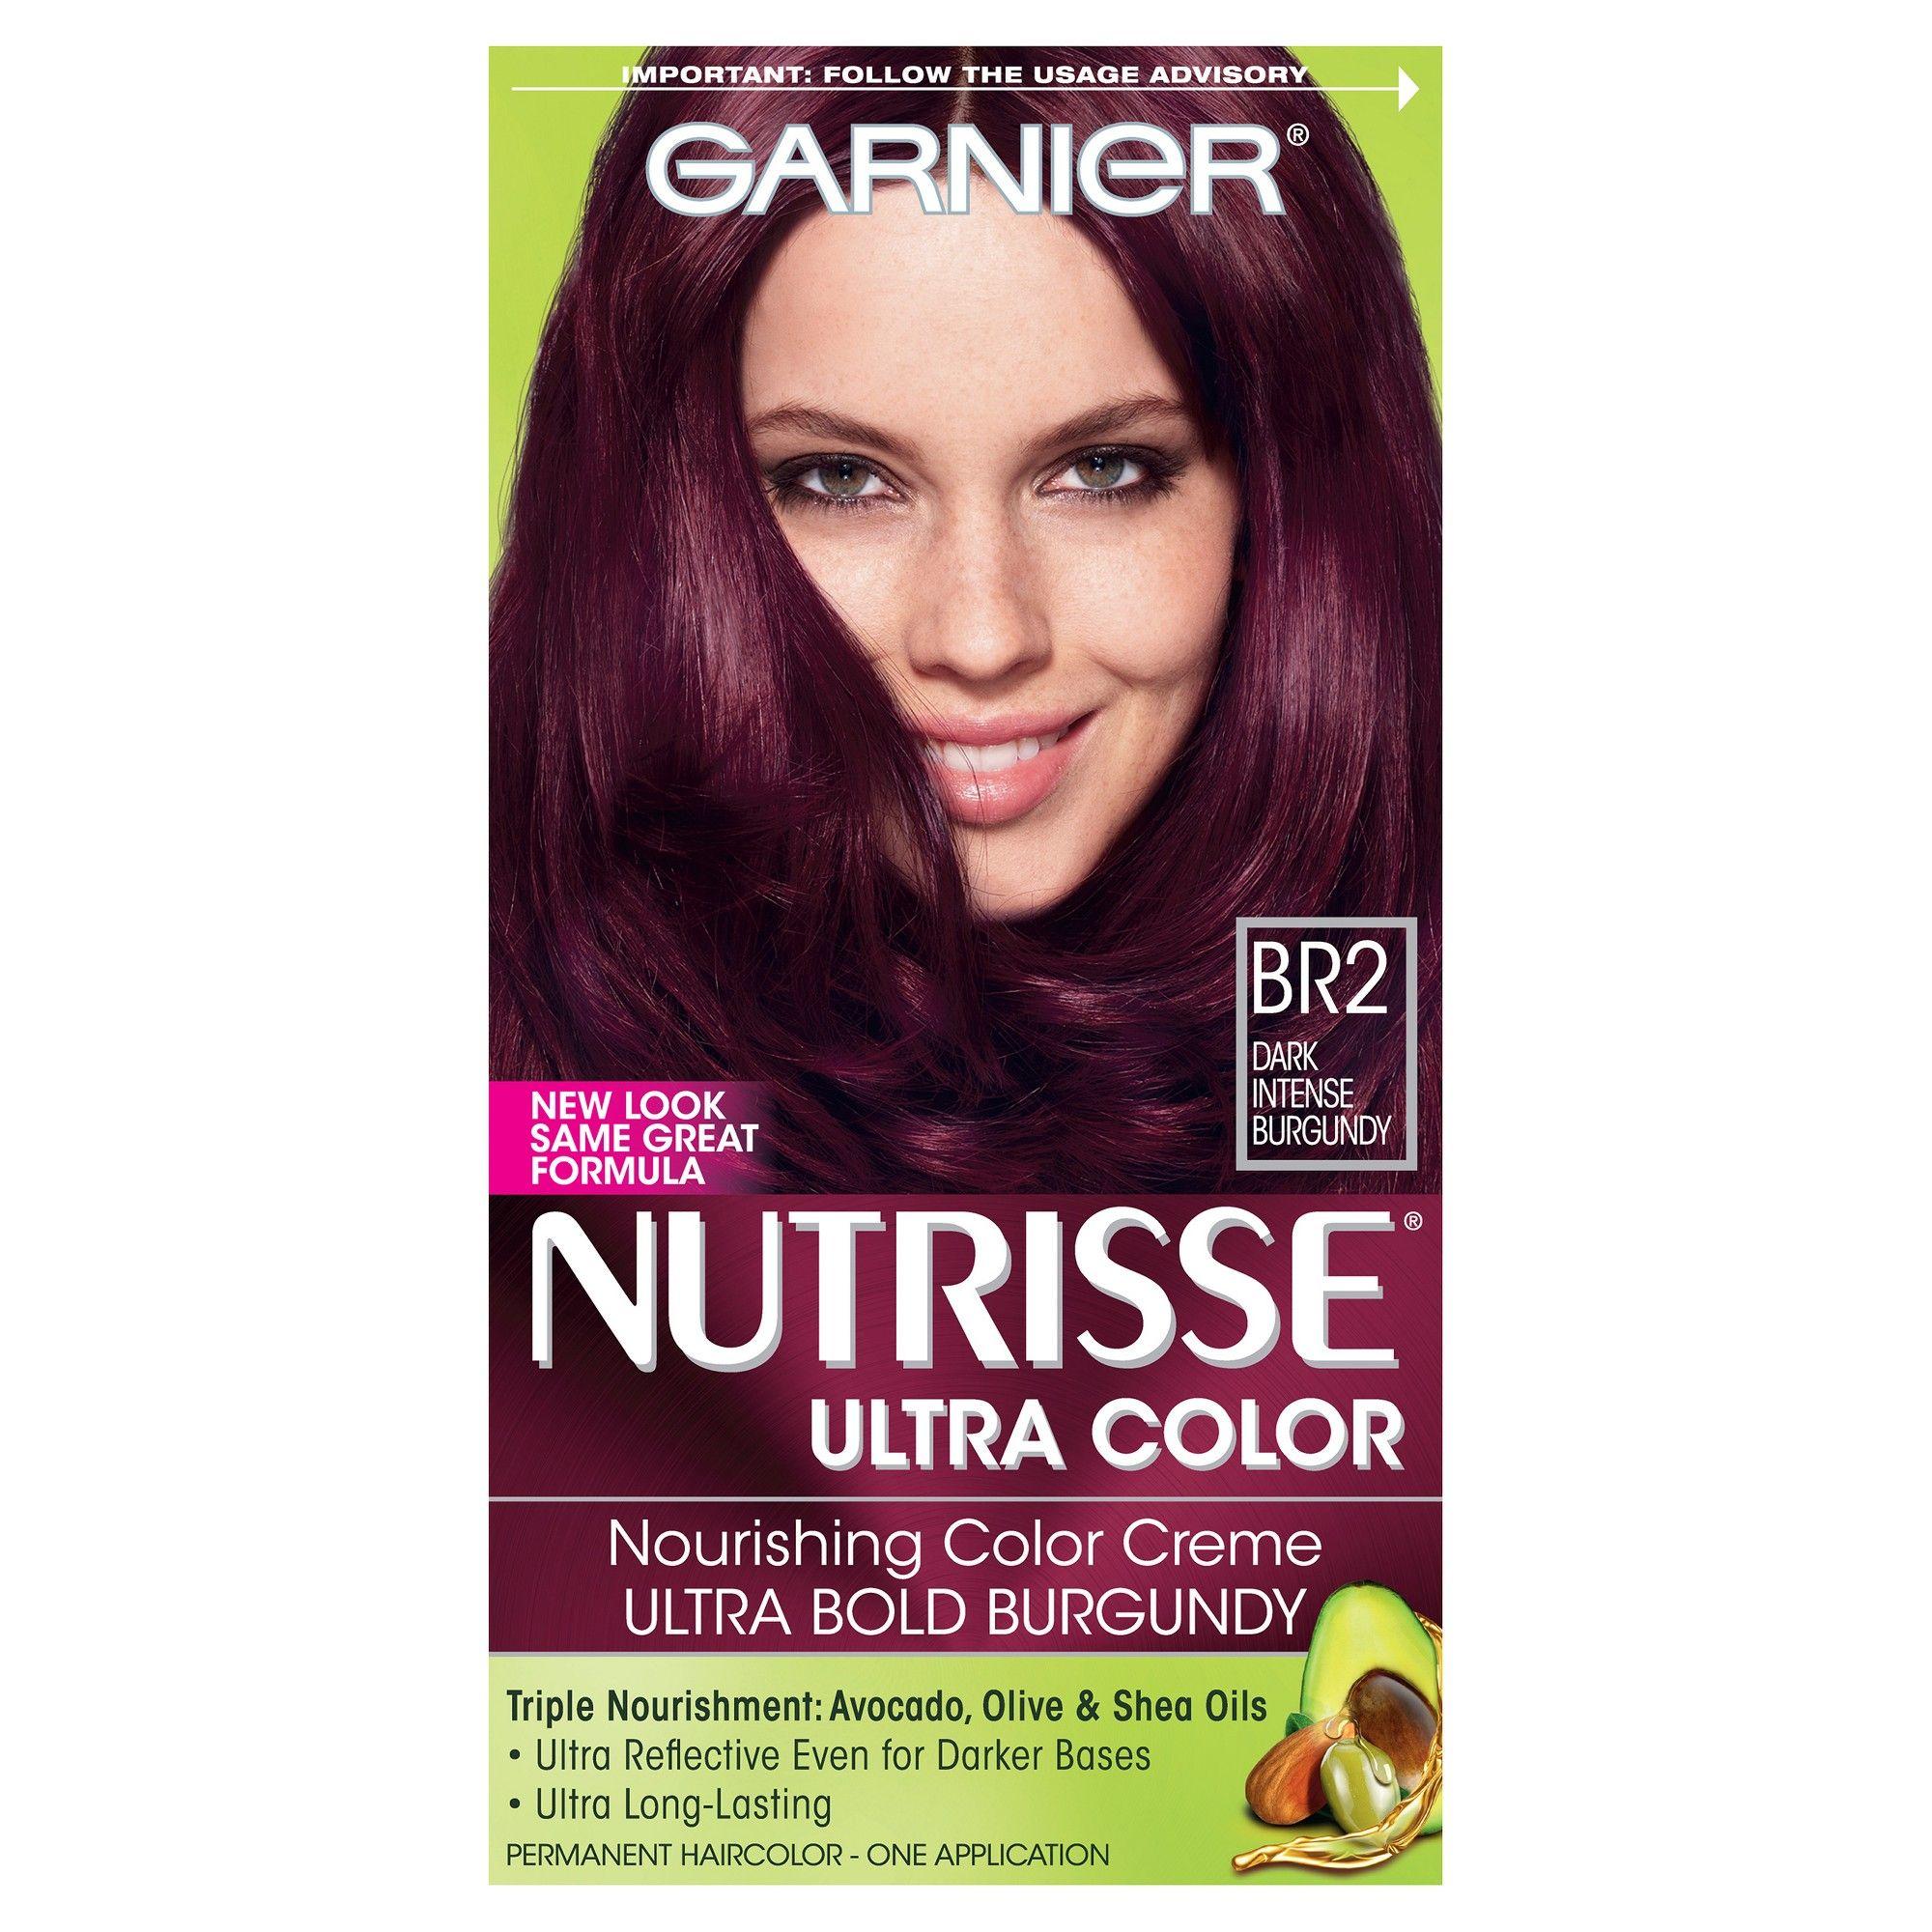 Garnier Nutrisse Ultra Color Nourishing Color Creme Br2